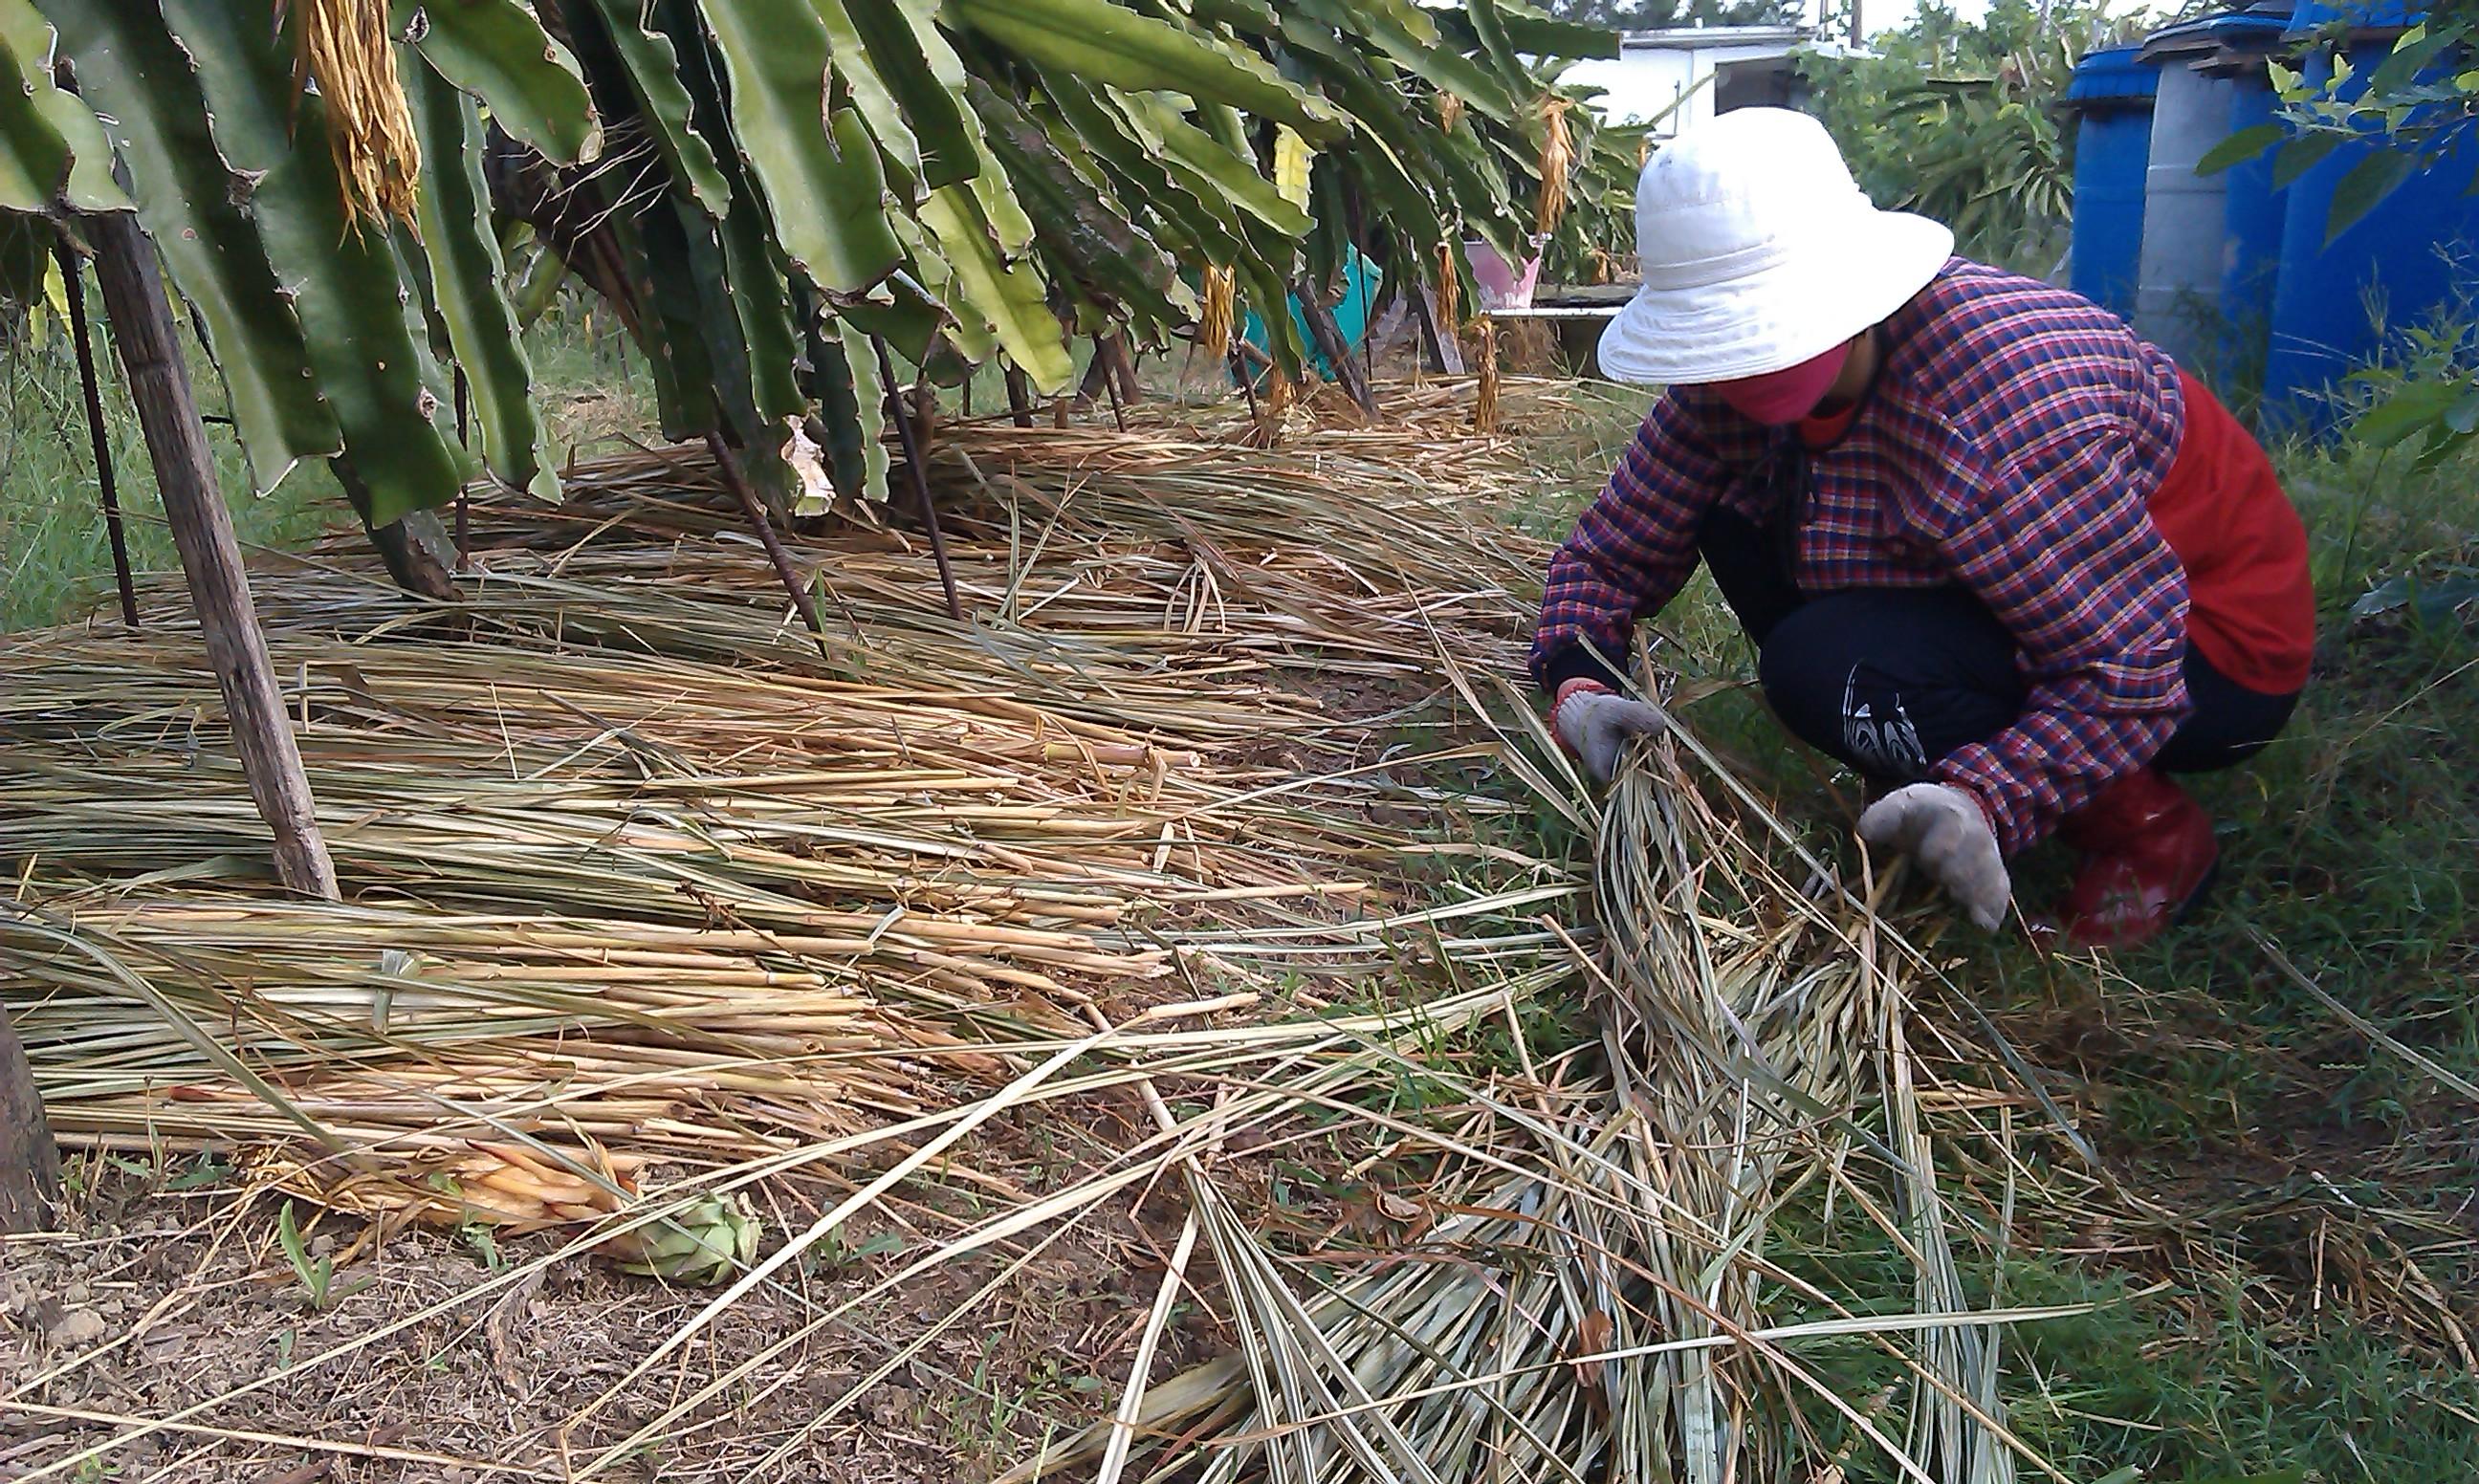 10月志工協助除草與覆蓋 攝影大苑